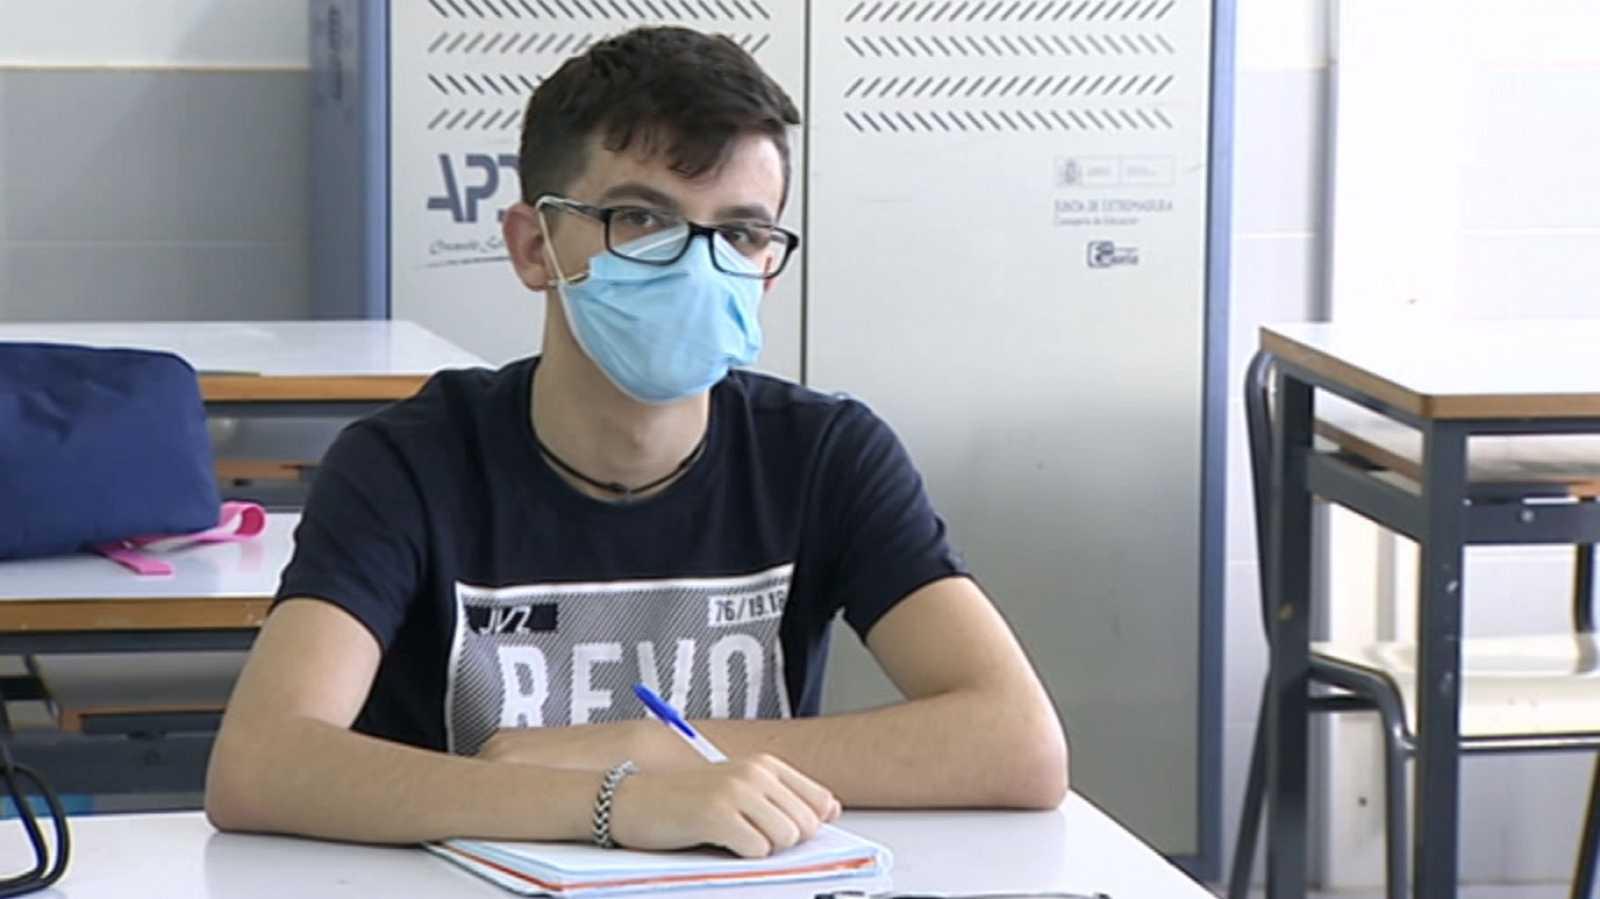 Medina en TVE - La escolaridad en tiempos de pandemia  - ver ahora